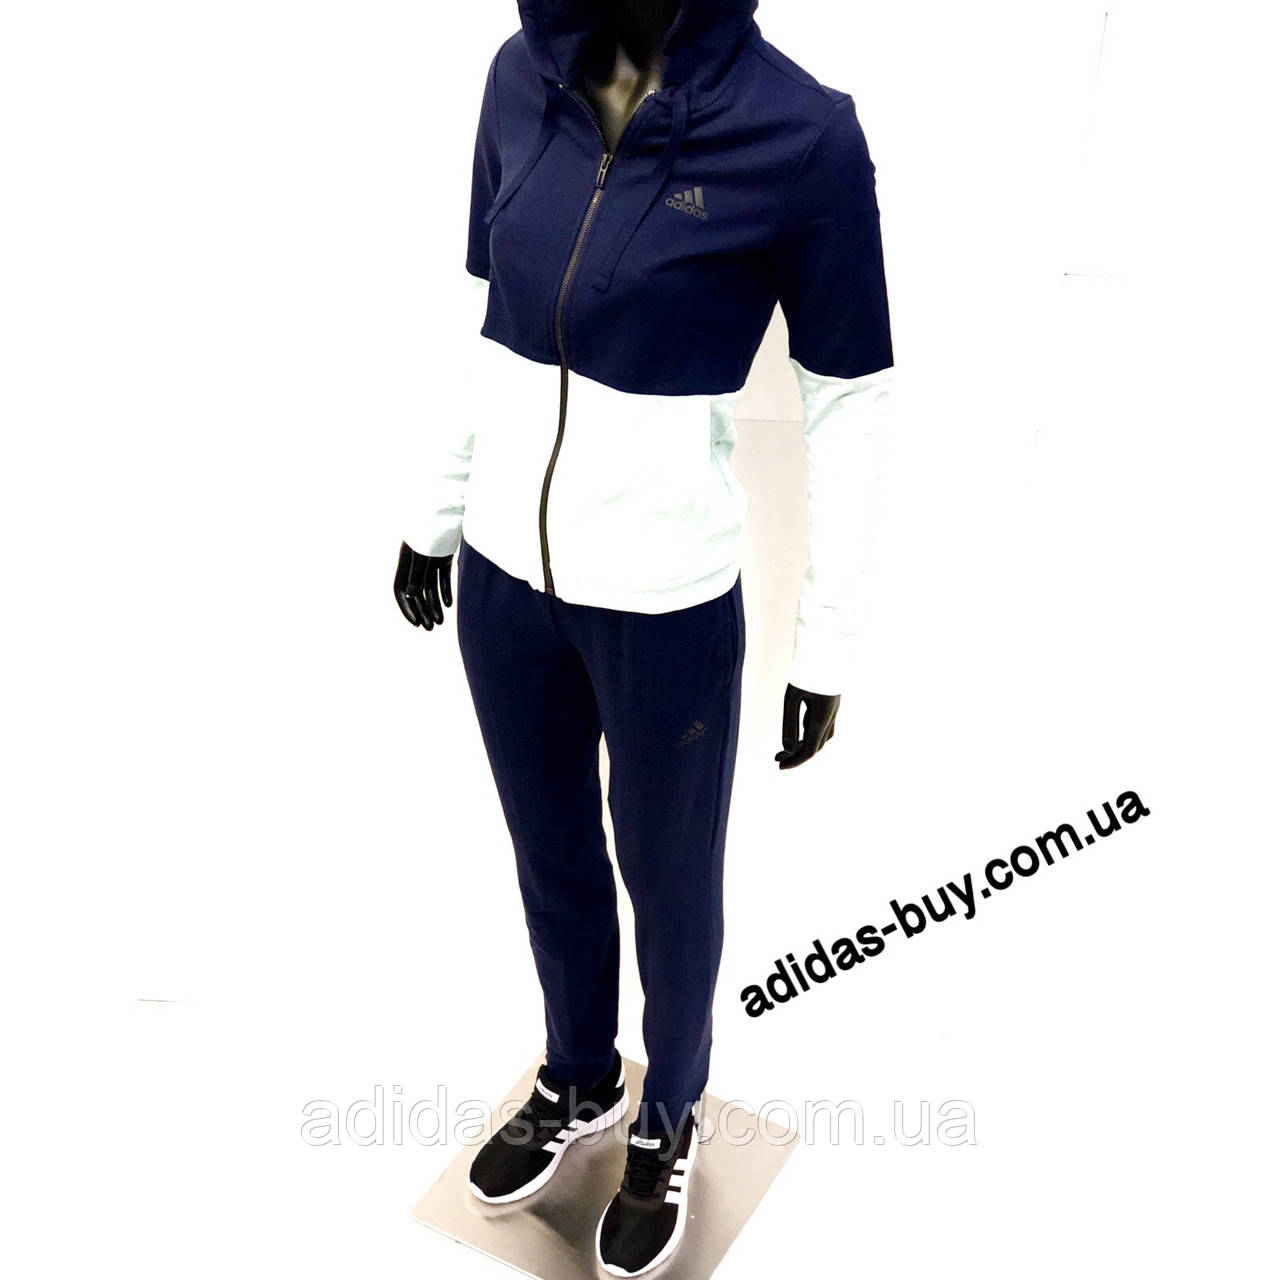 Женский костюм adidas WTS CO MARKER CY3509 цвет: синий/салатовый оригинальный